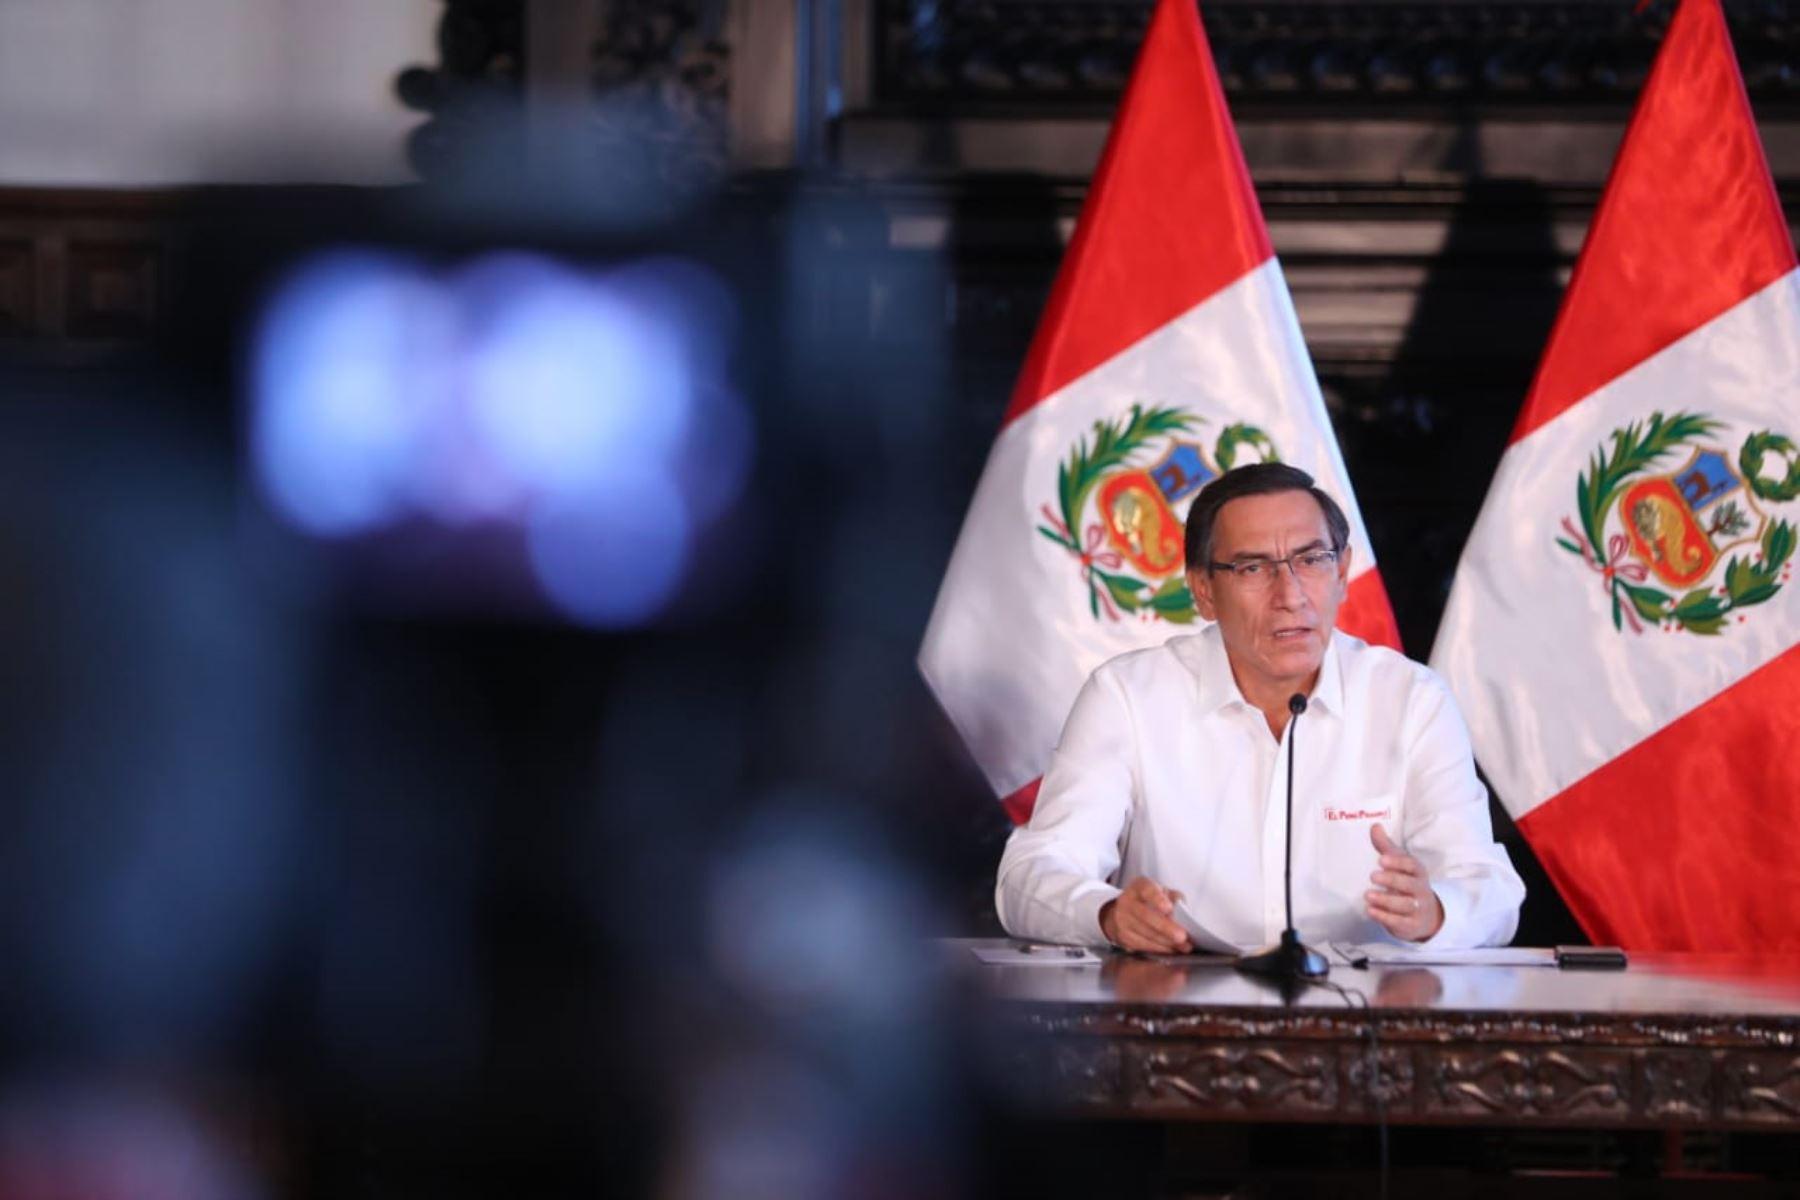 gobierno-solicitara-facultades-legislativas-al-congreso-ante-propagacion-de-covid-19